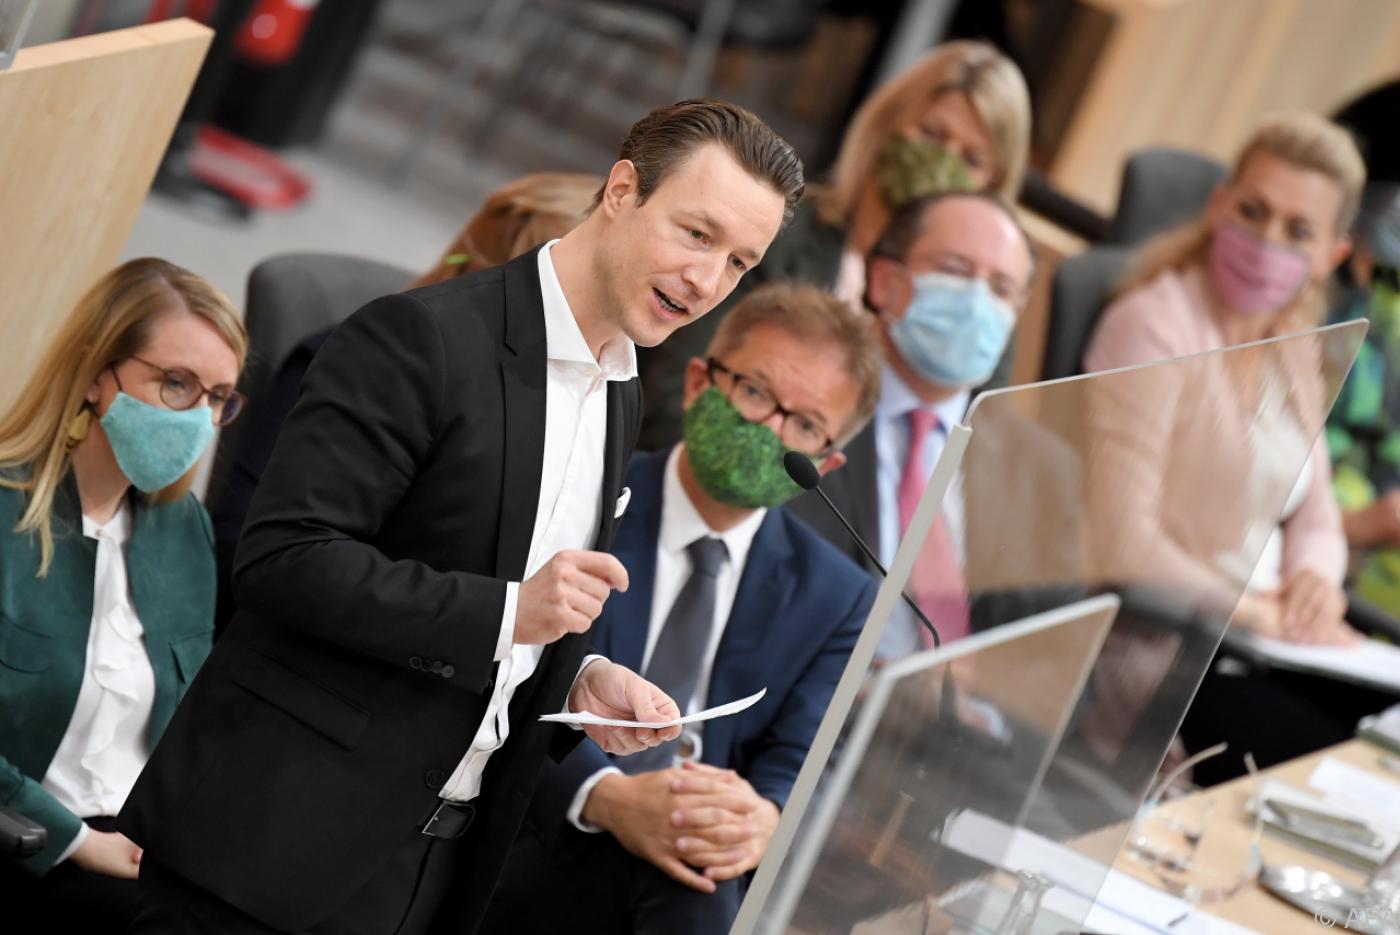 Nationalrat: Budget mit Koalitionsmehrheit durch | dolomitenstadt.at